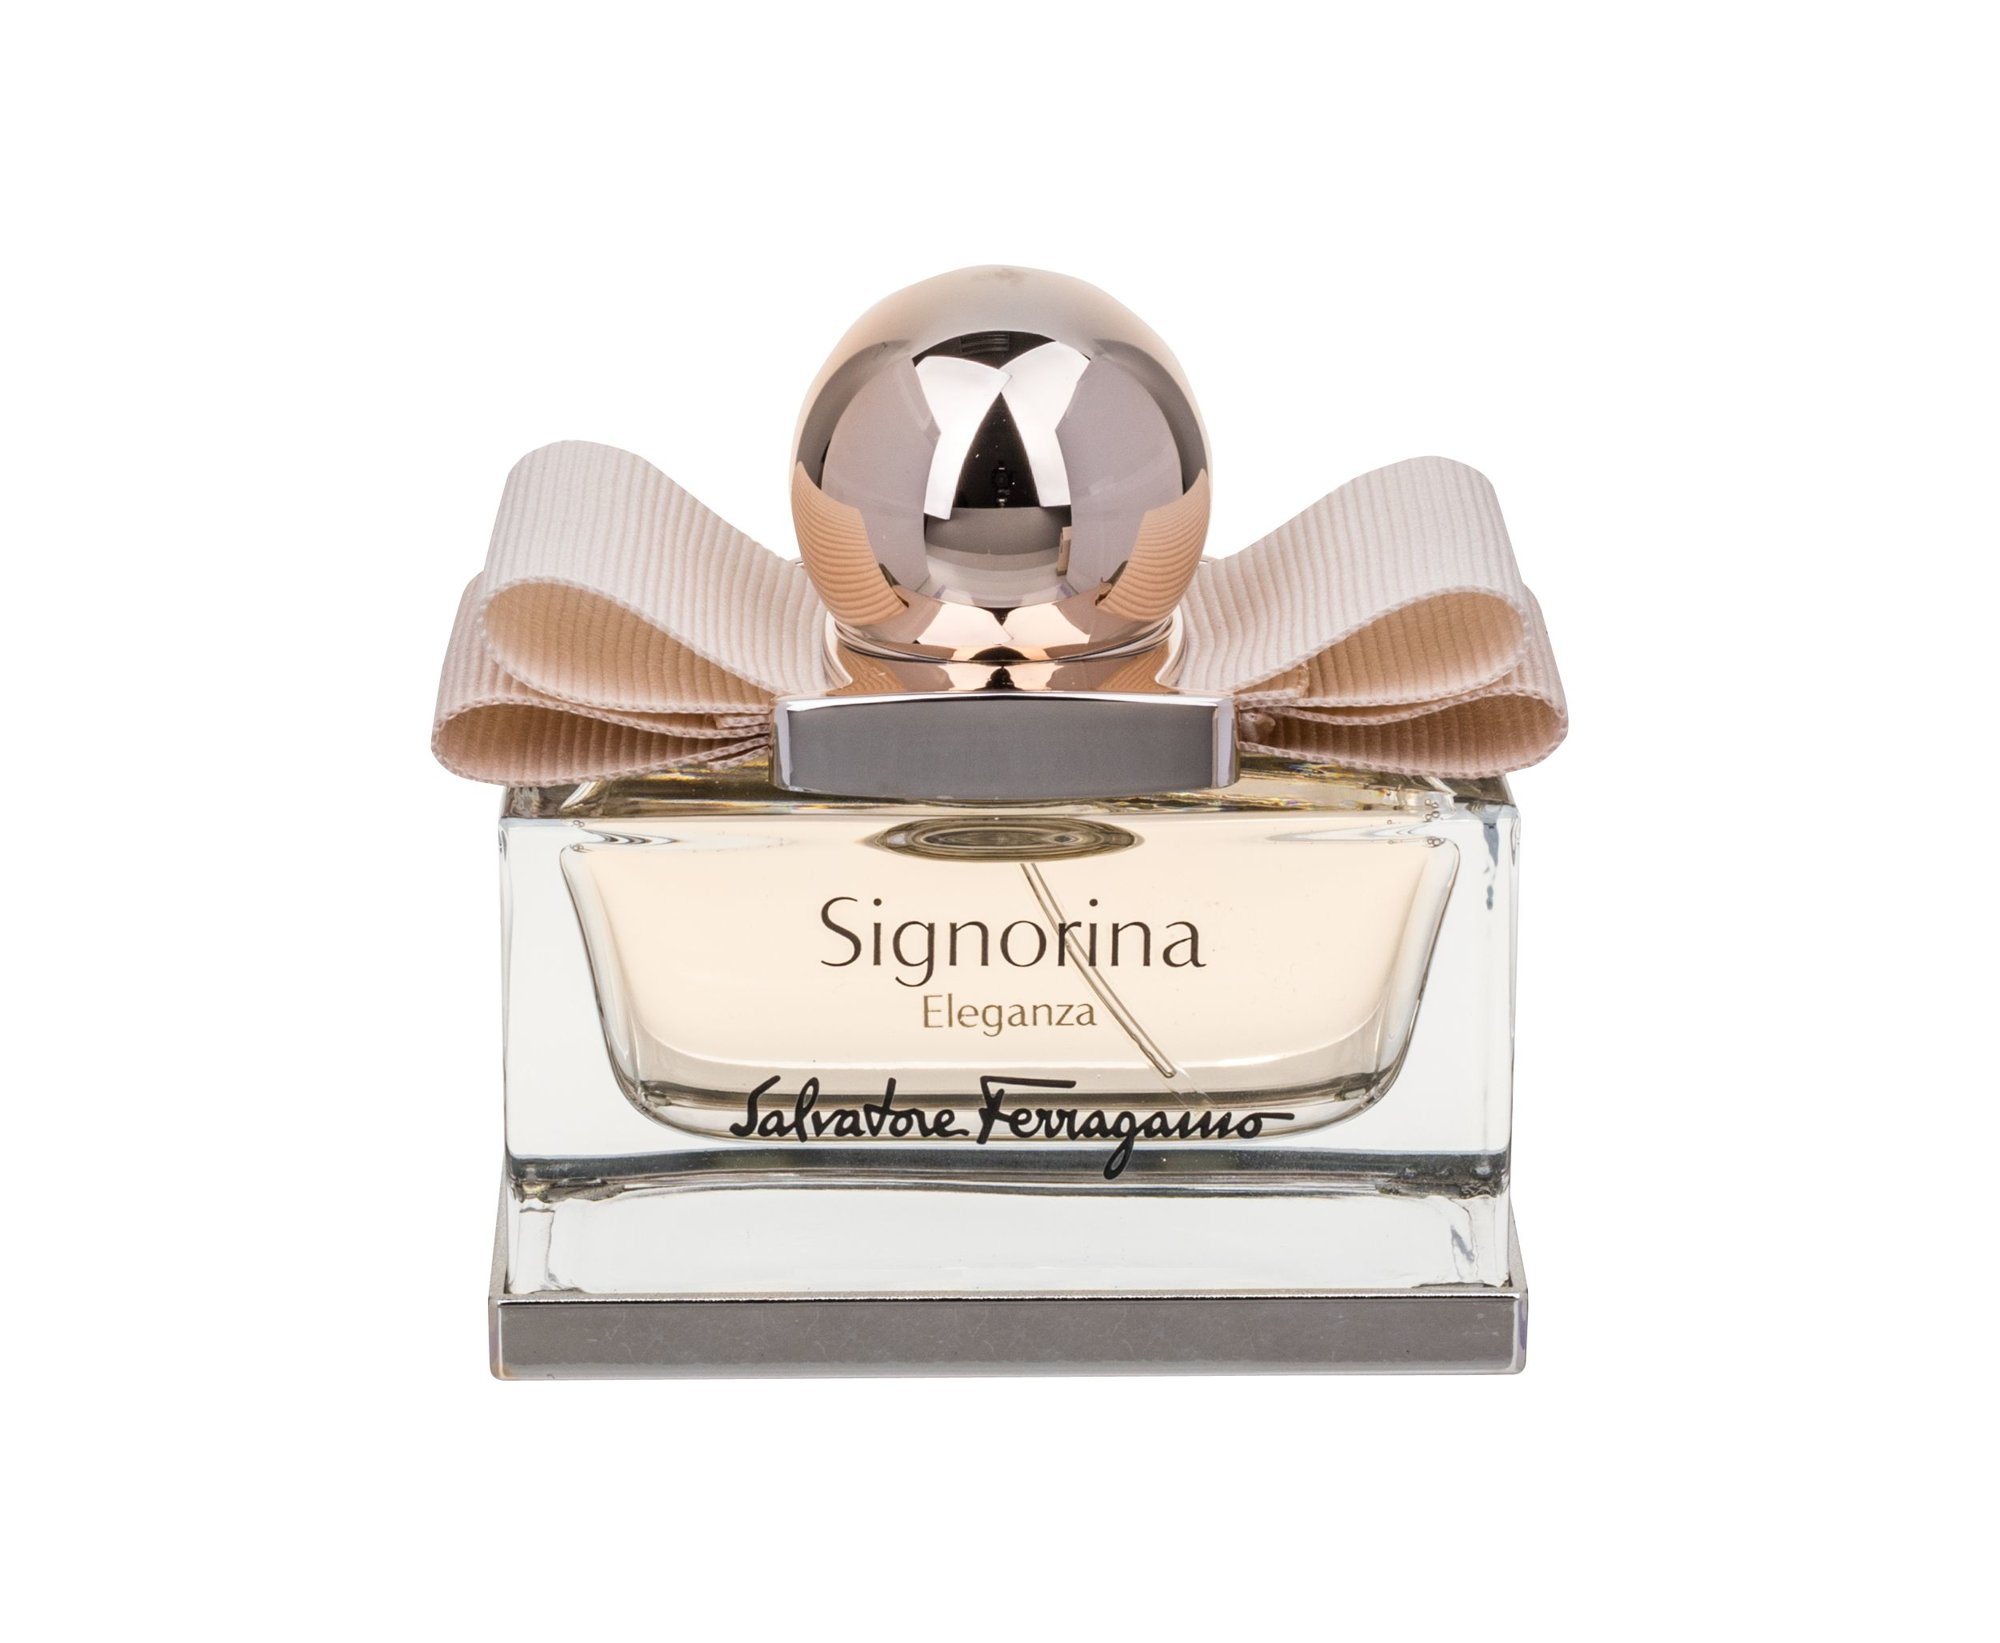 Salvatore Ferragamo Signorina Eleganza Eau de Parfum 30ml